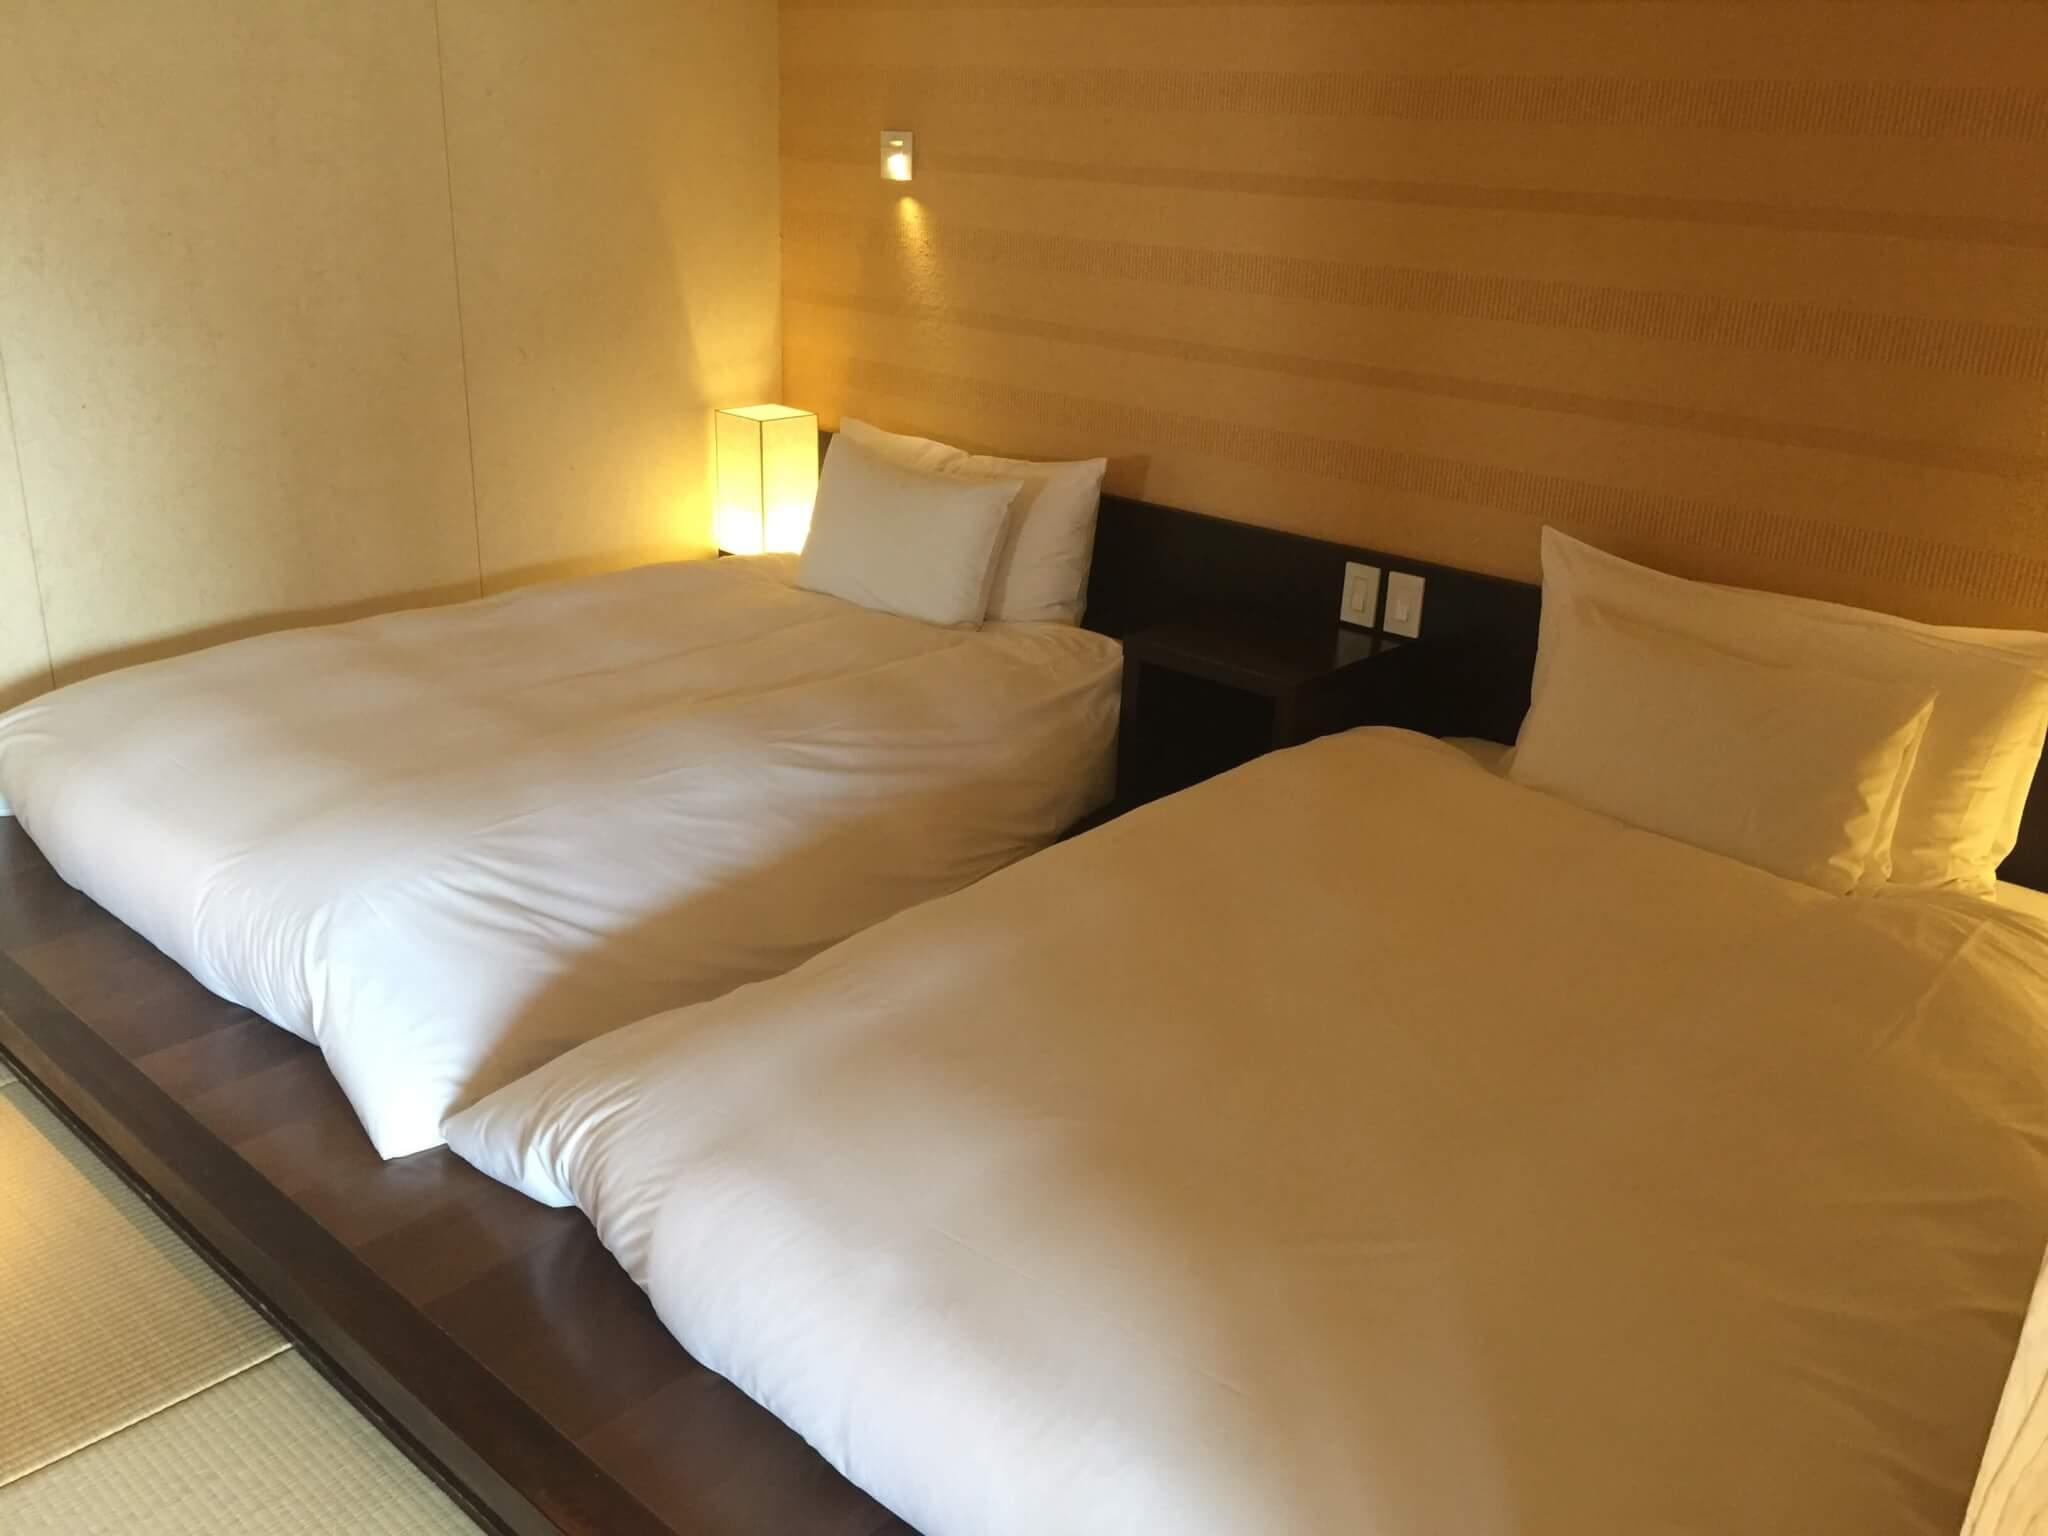 竹富島・星のやで宿泊した部屋の寝室